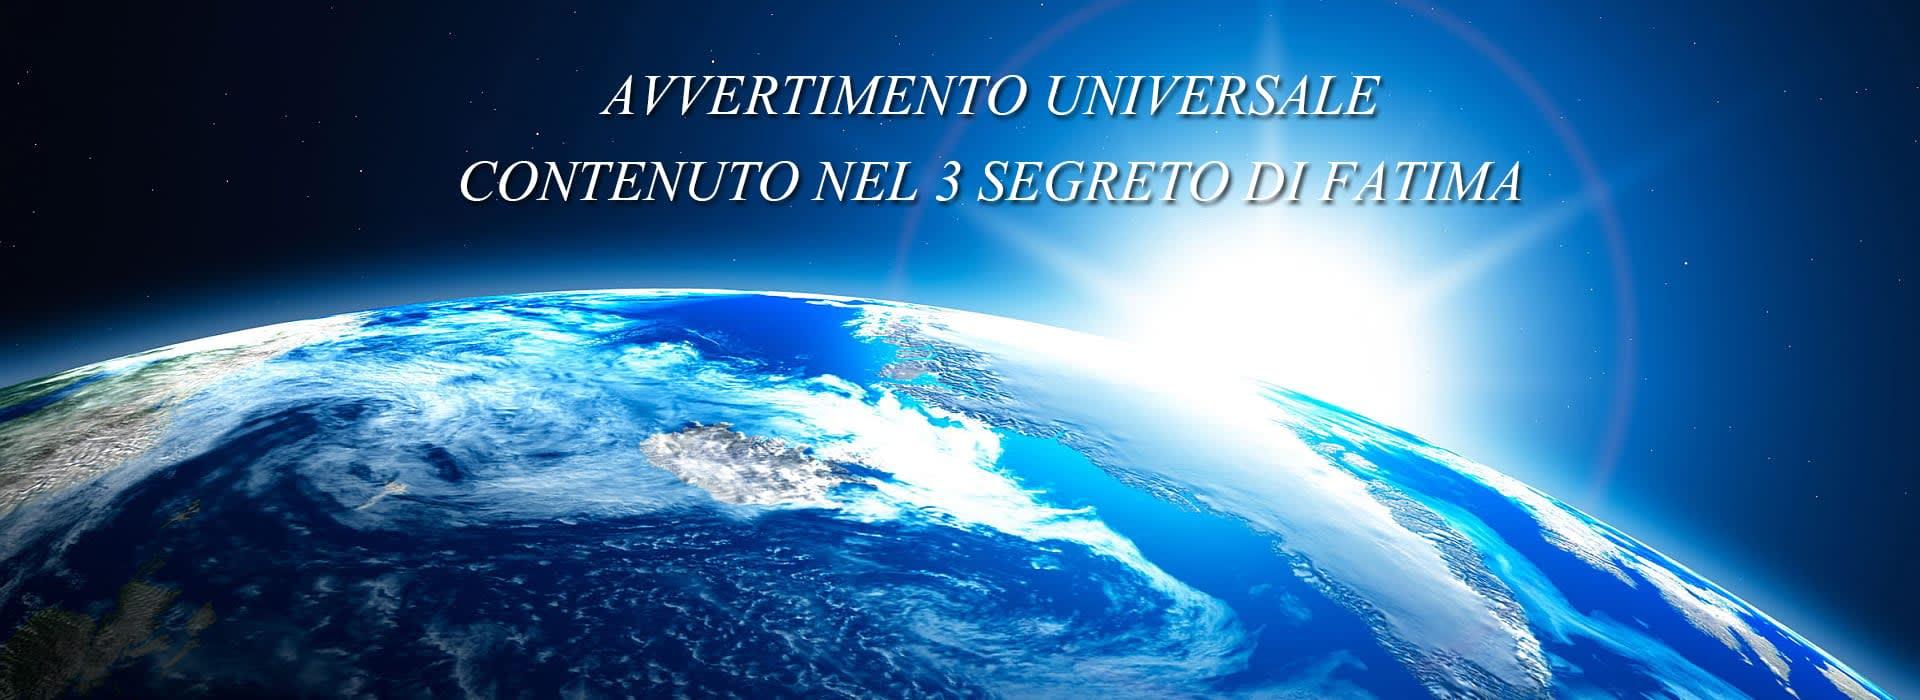 terzo segreto di fatima avvertimento universale